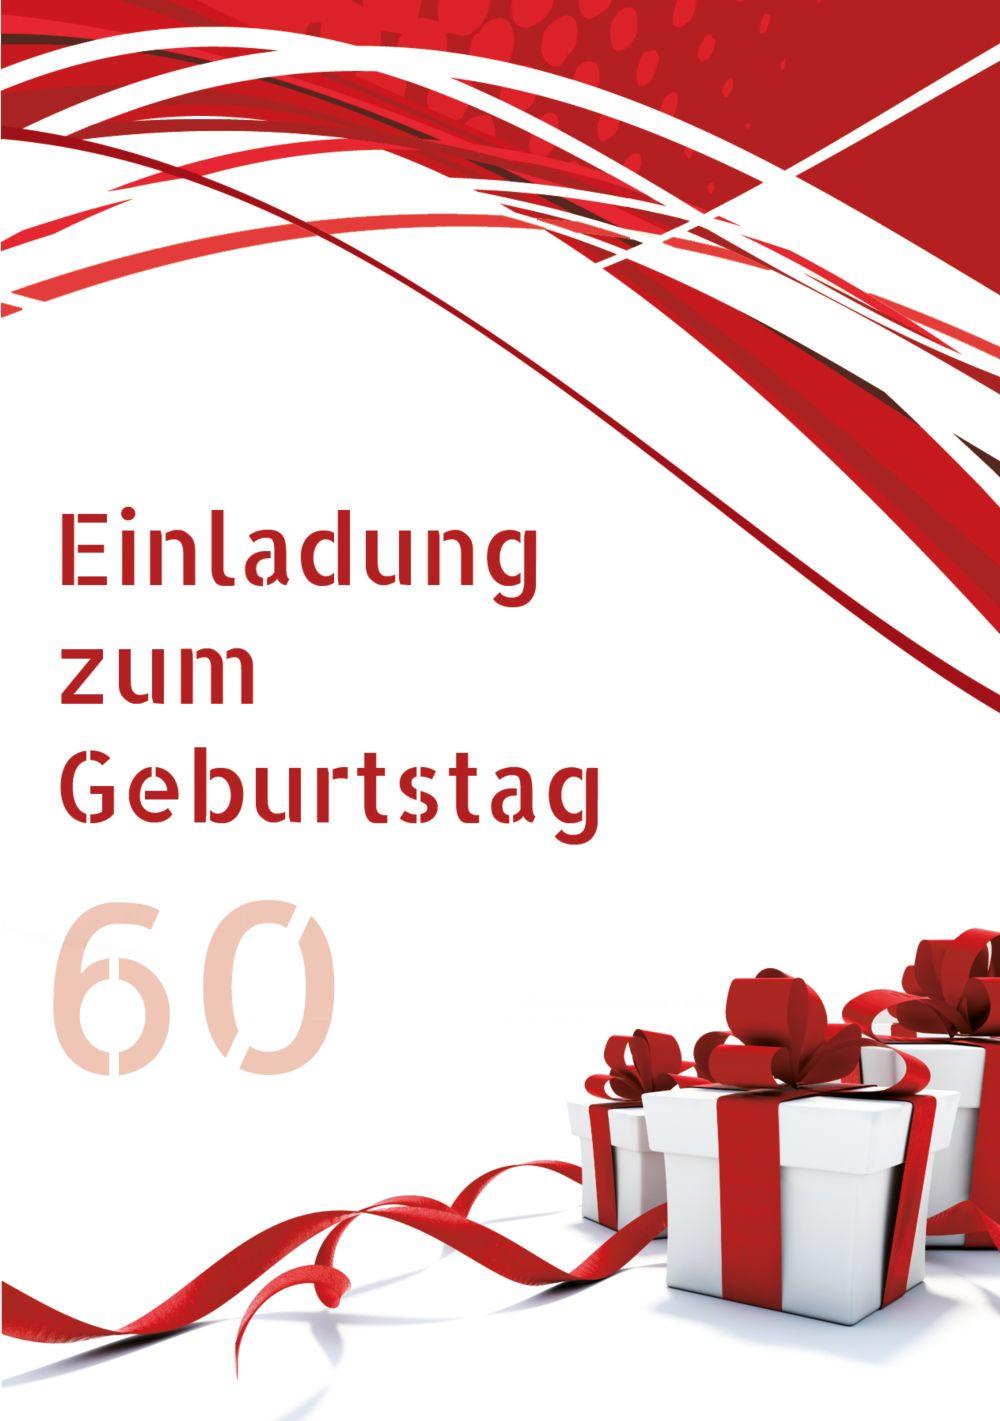 Ansicht 3 - Geburtstag Schleifenband 60 Foto